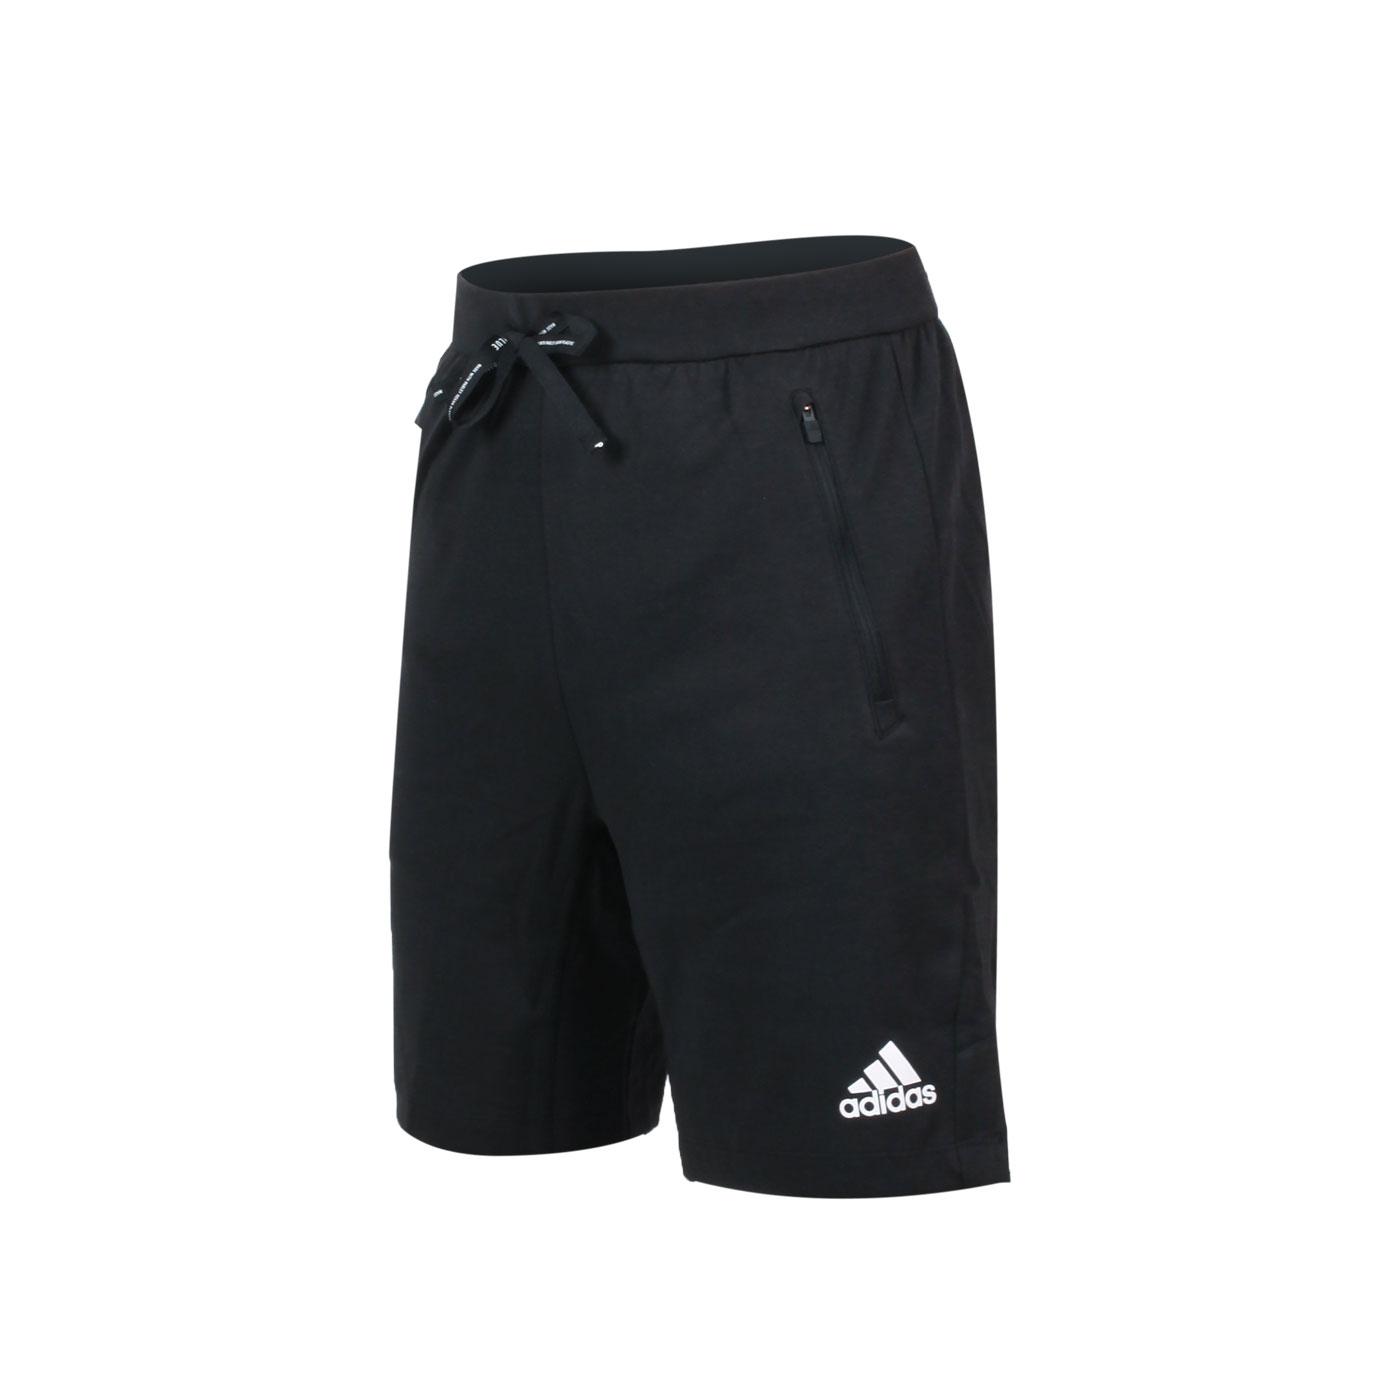 ADIDAS 男款運動短褲 GM0129